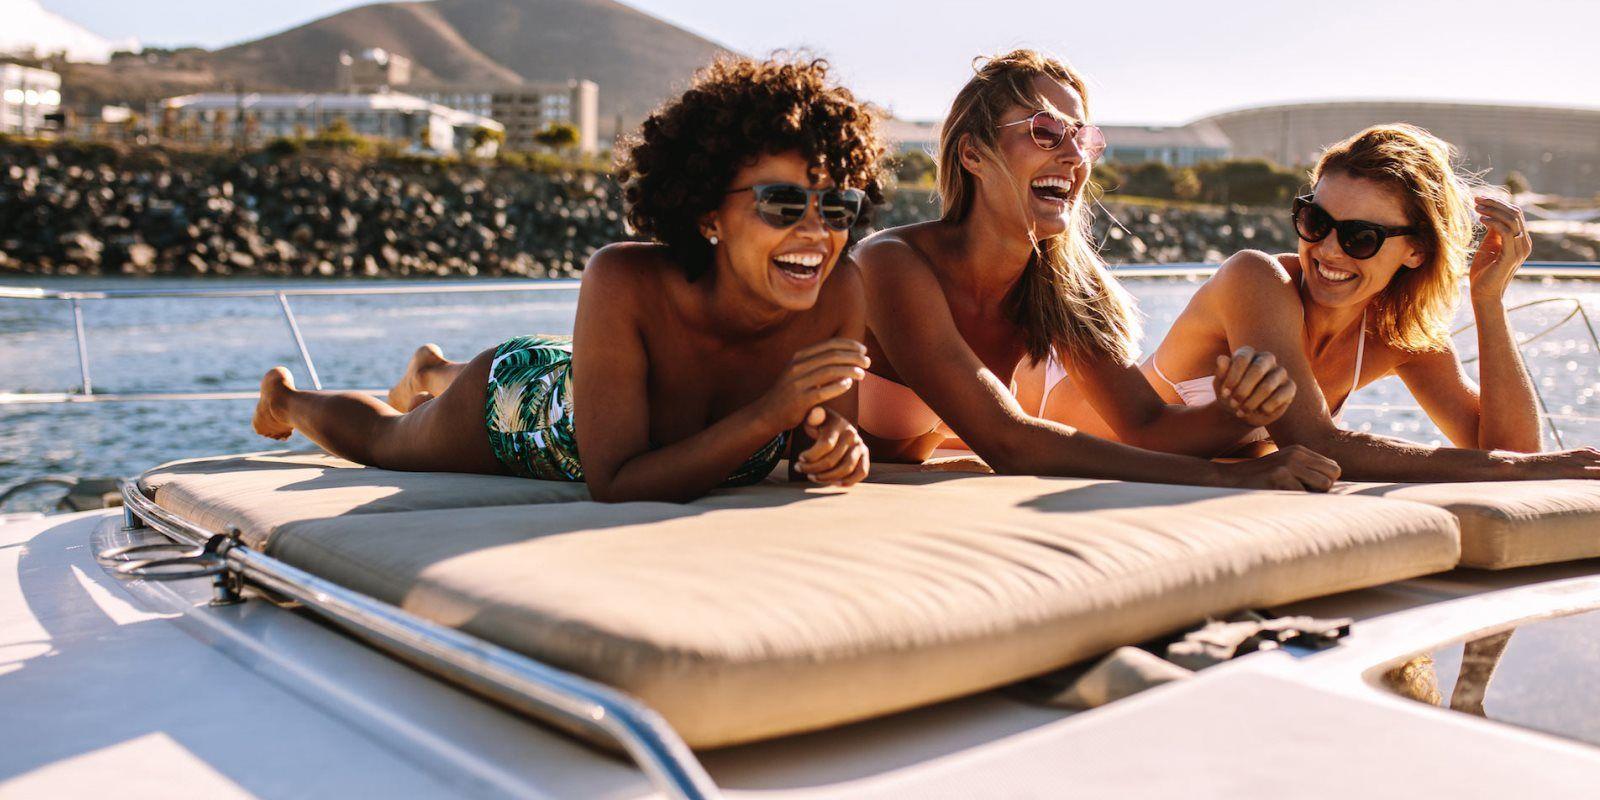 https://www.talamare.fr/medias/Trois filles s'amusent à rire sur un yacht lors d'une location de yacht en grand groupe